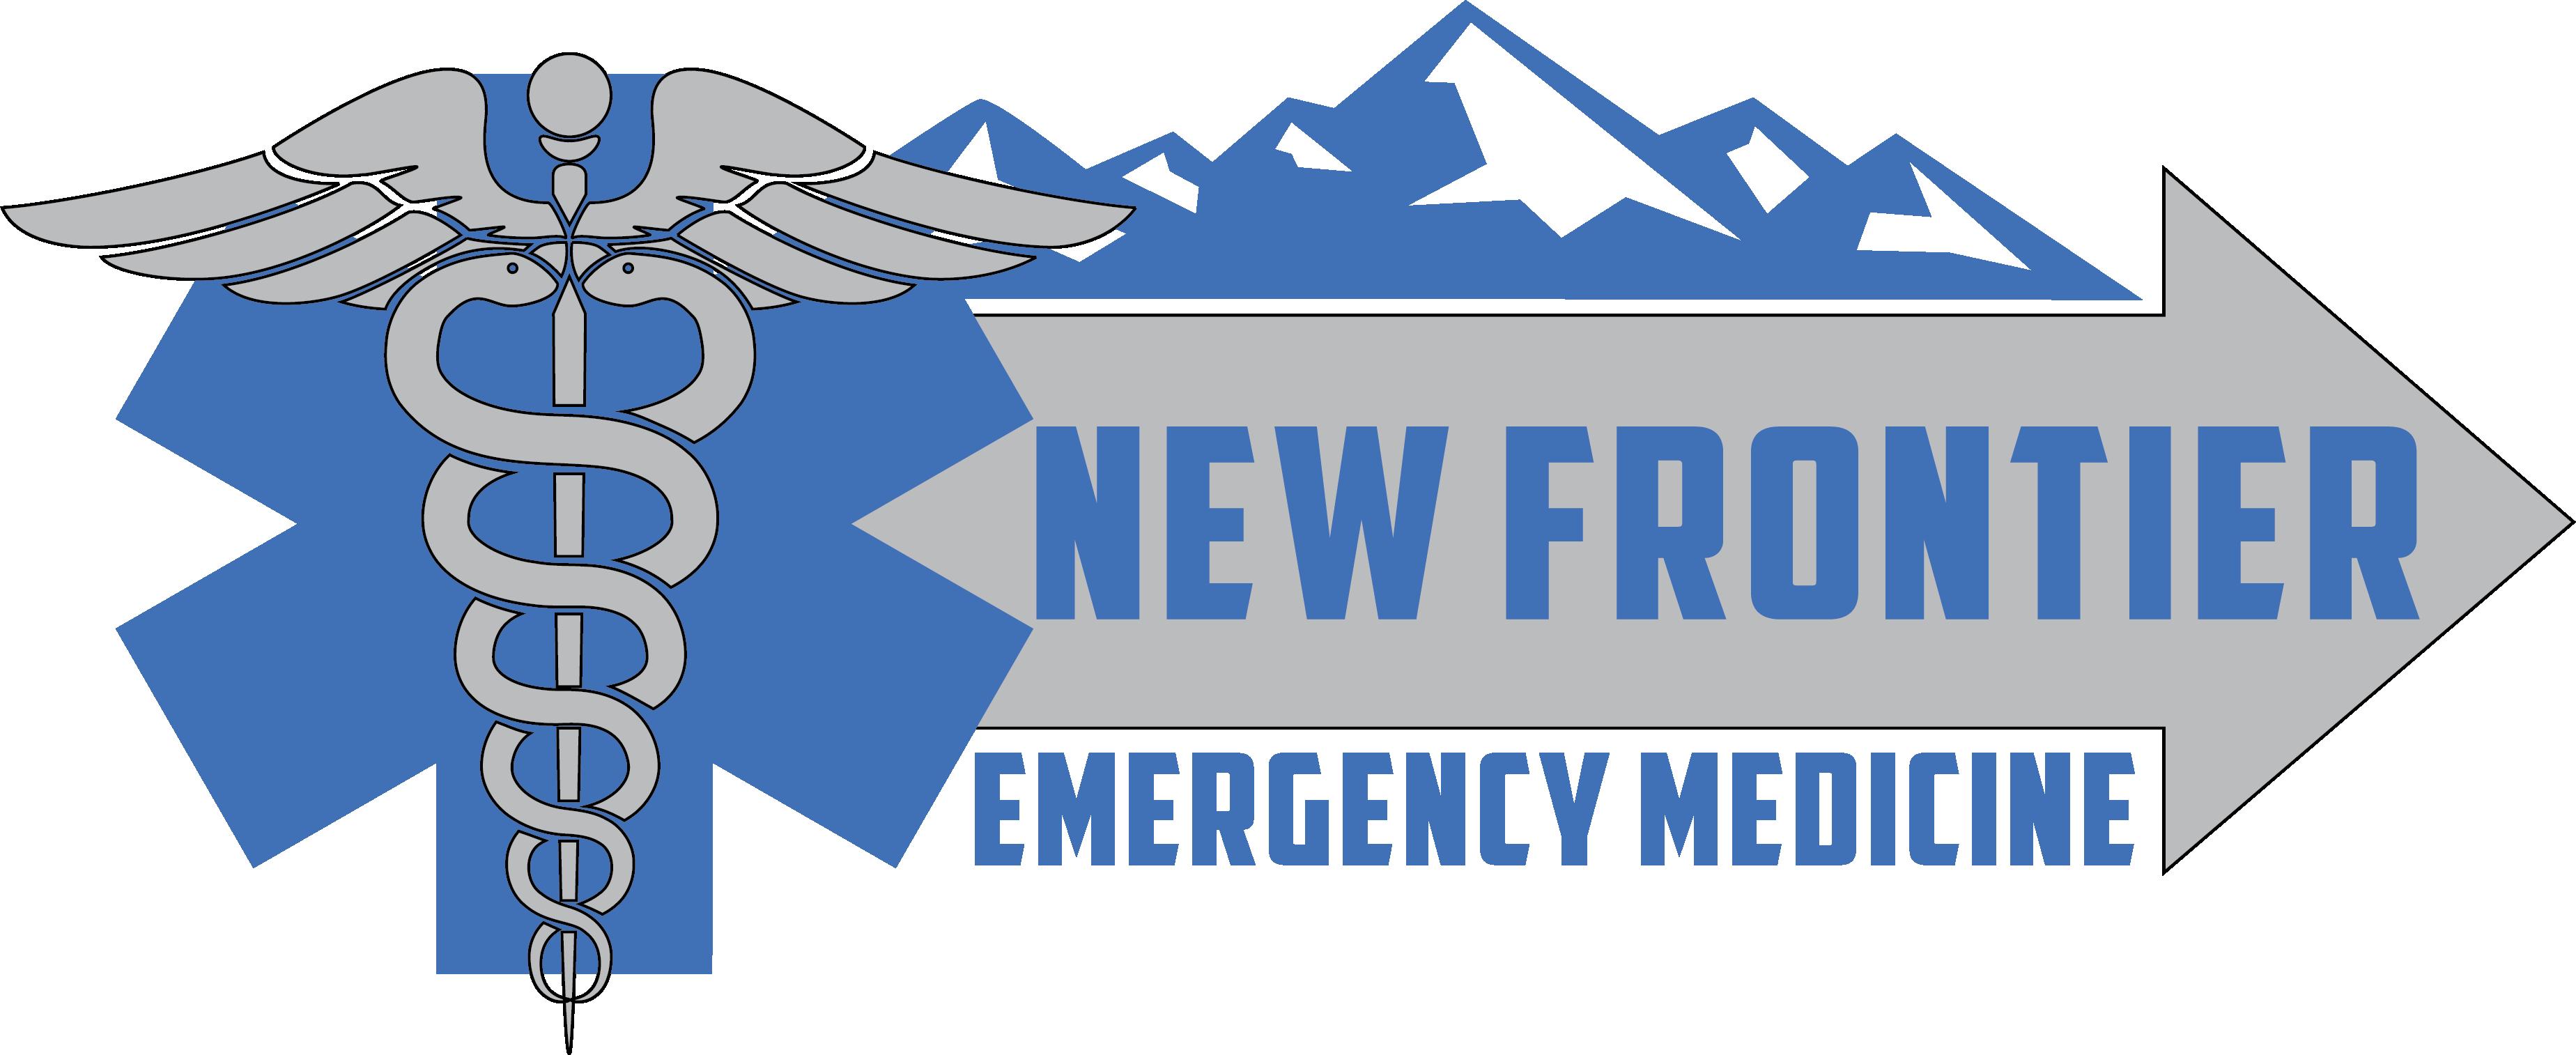 new-frontier-emergency-medicine-symposium-logo